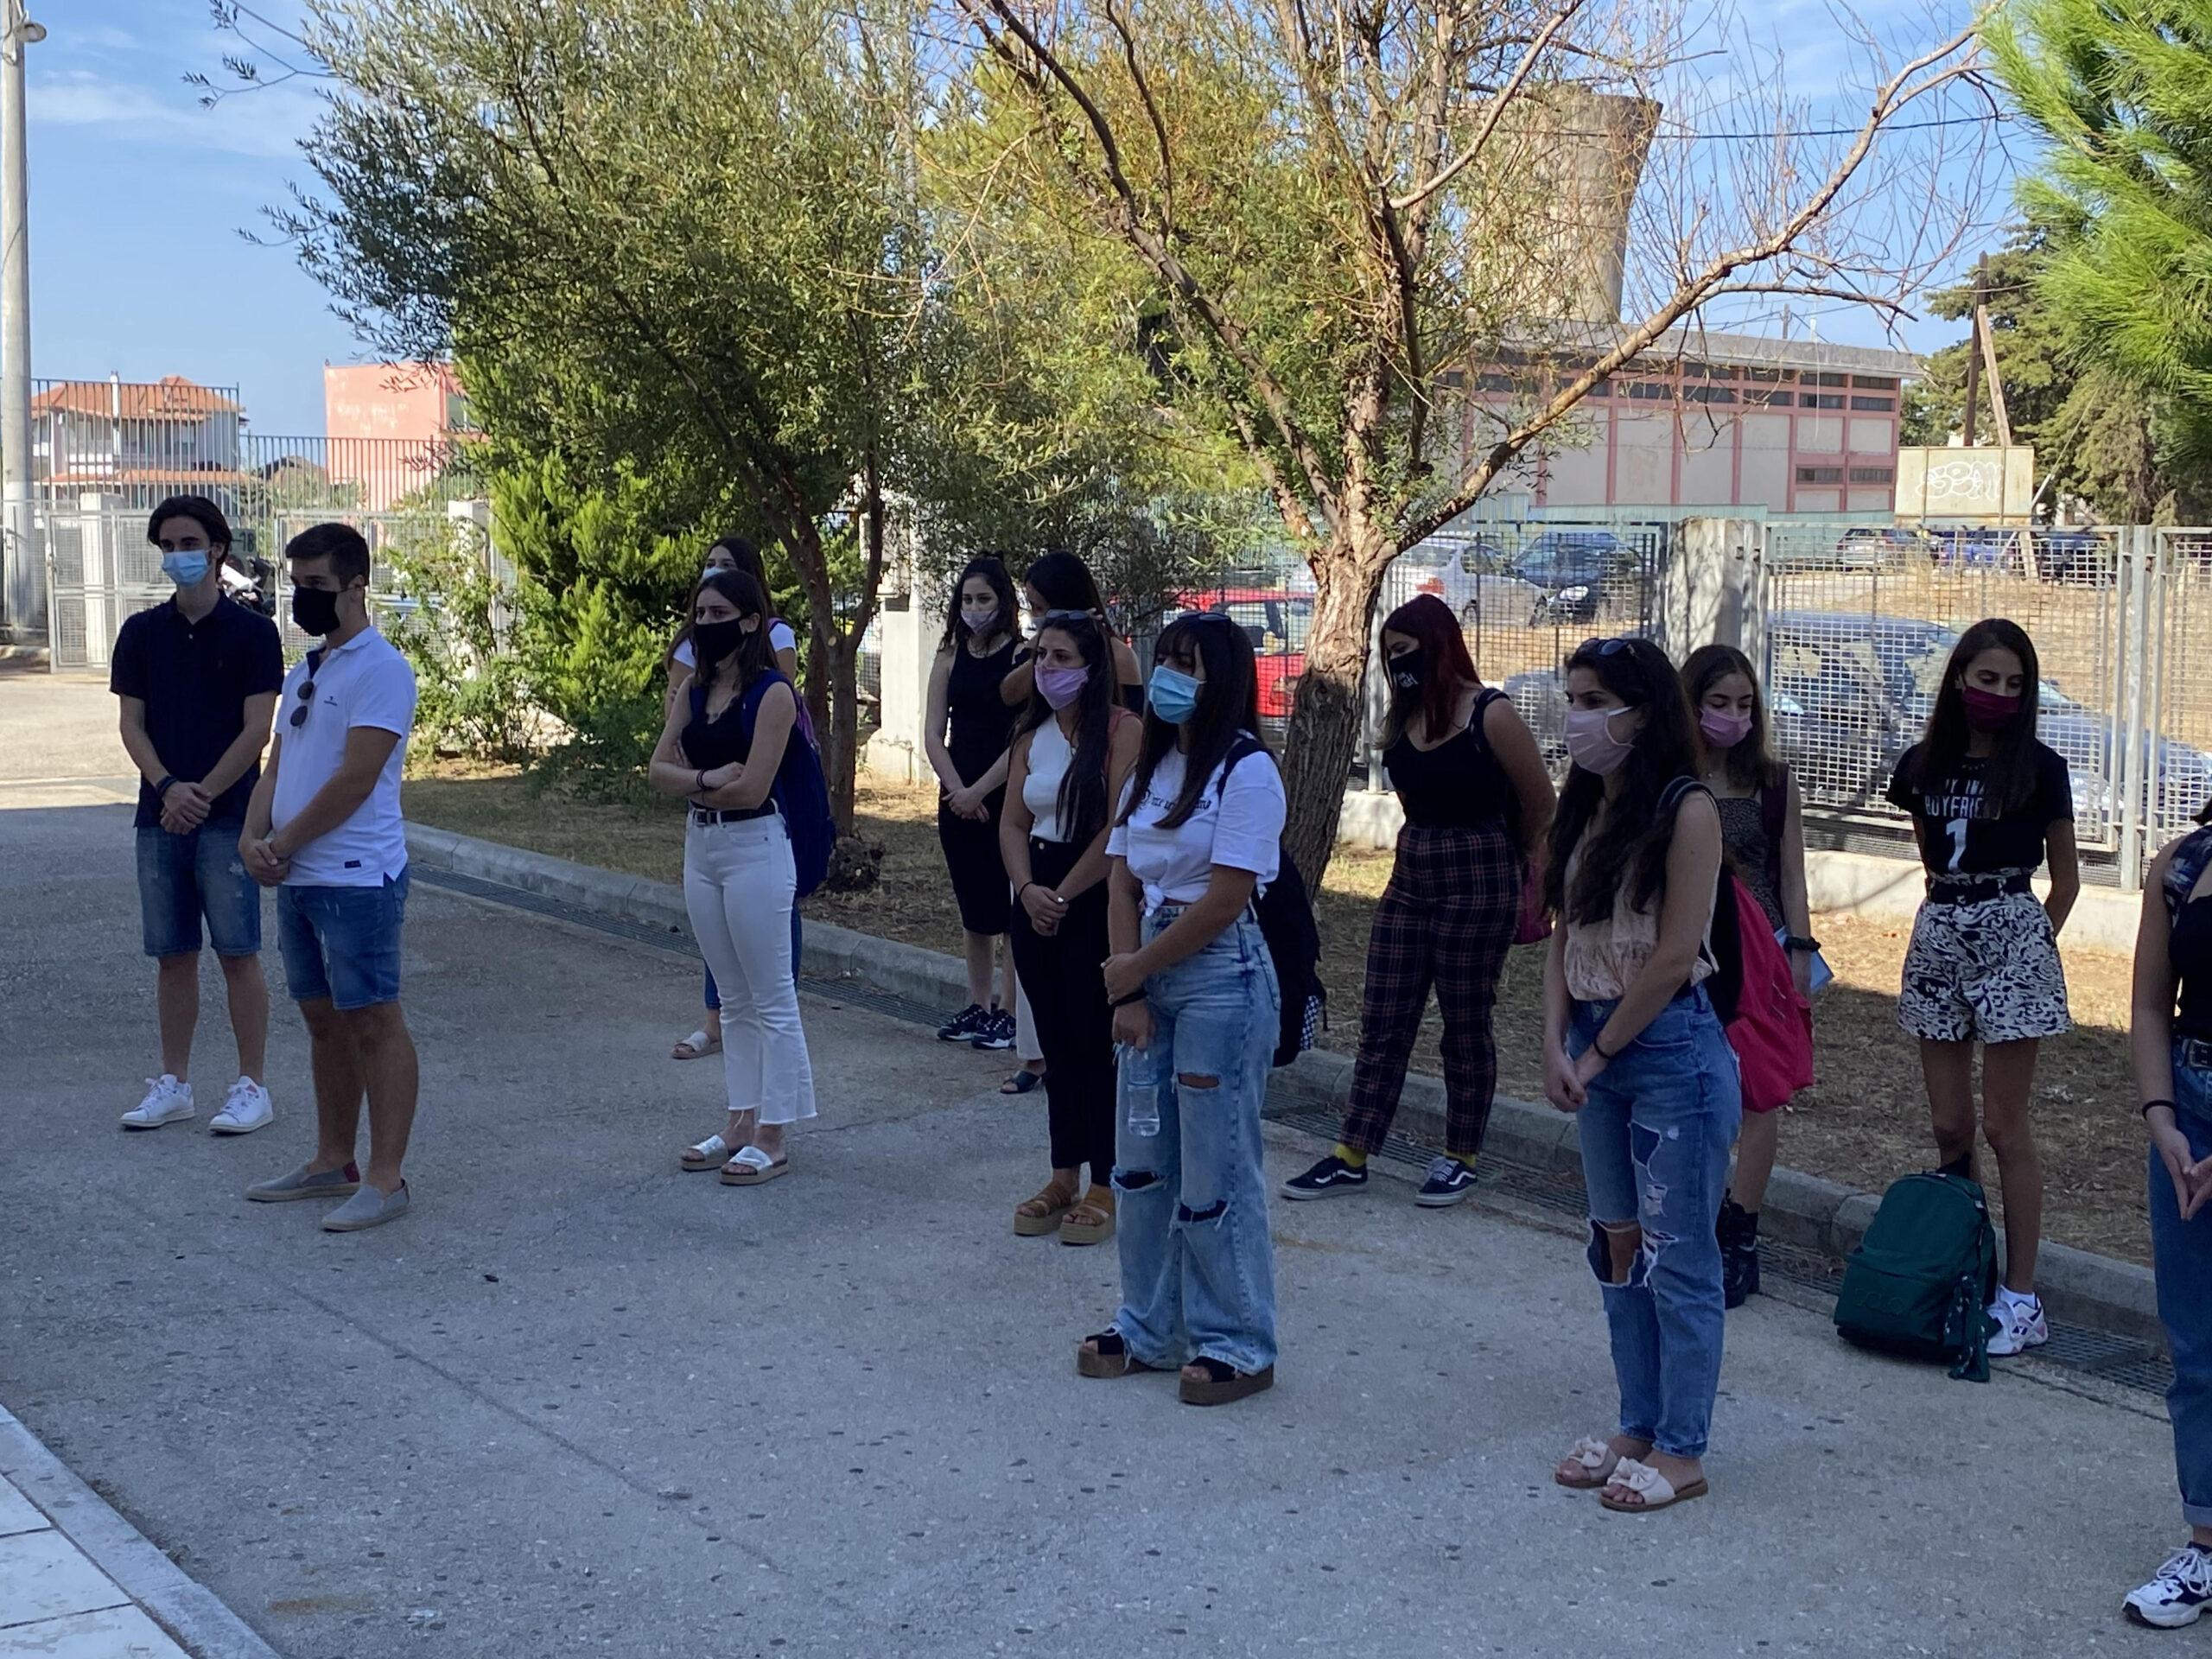 Χαιρετισμός Δημάρχου Ανδραβίδας - Κυλλήνης Γ. Λέντζα για την έναρξη της νέας Σχολικής Χρονιάς- Παραβρέθηκε σε αγιασμούς σχολείων (Photos)